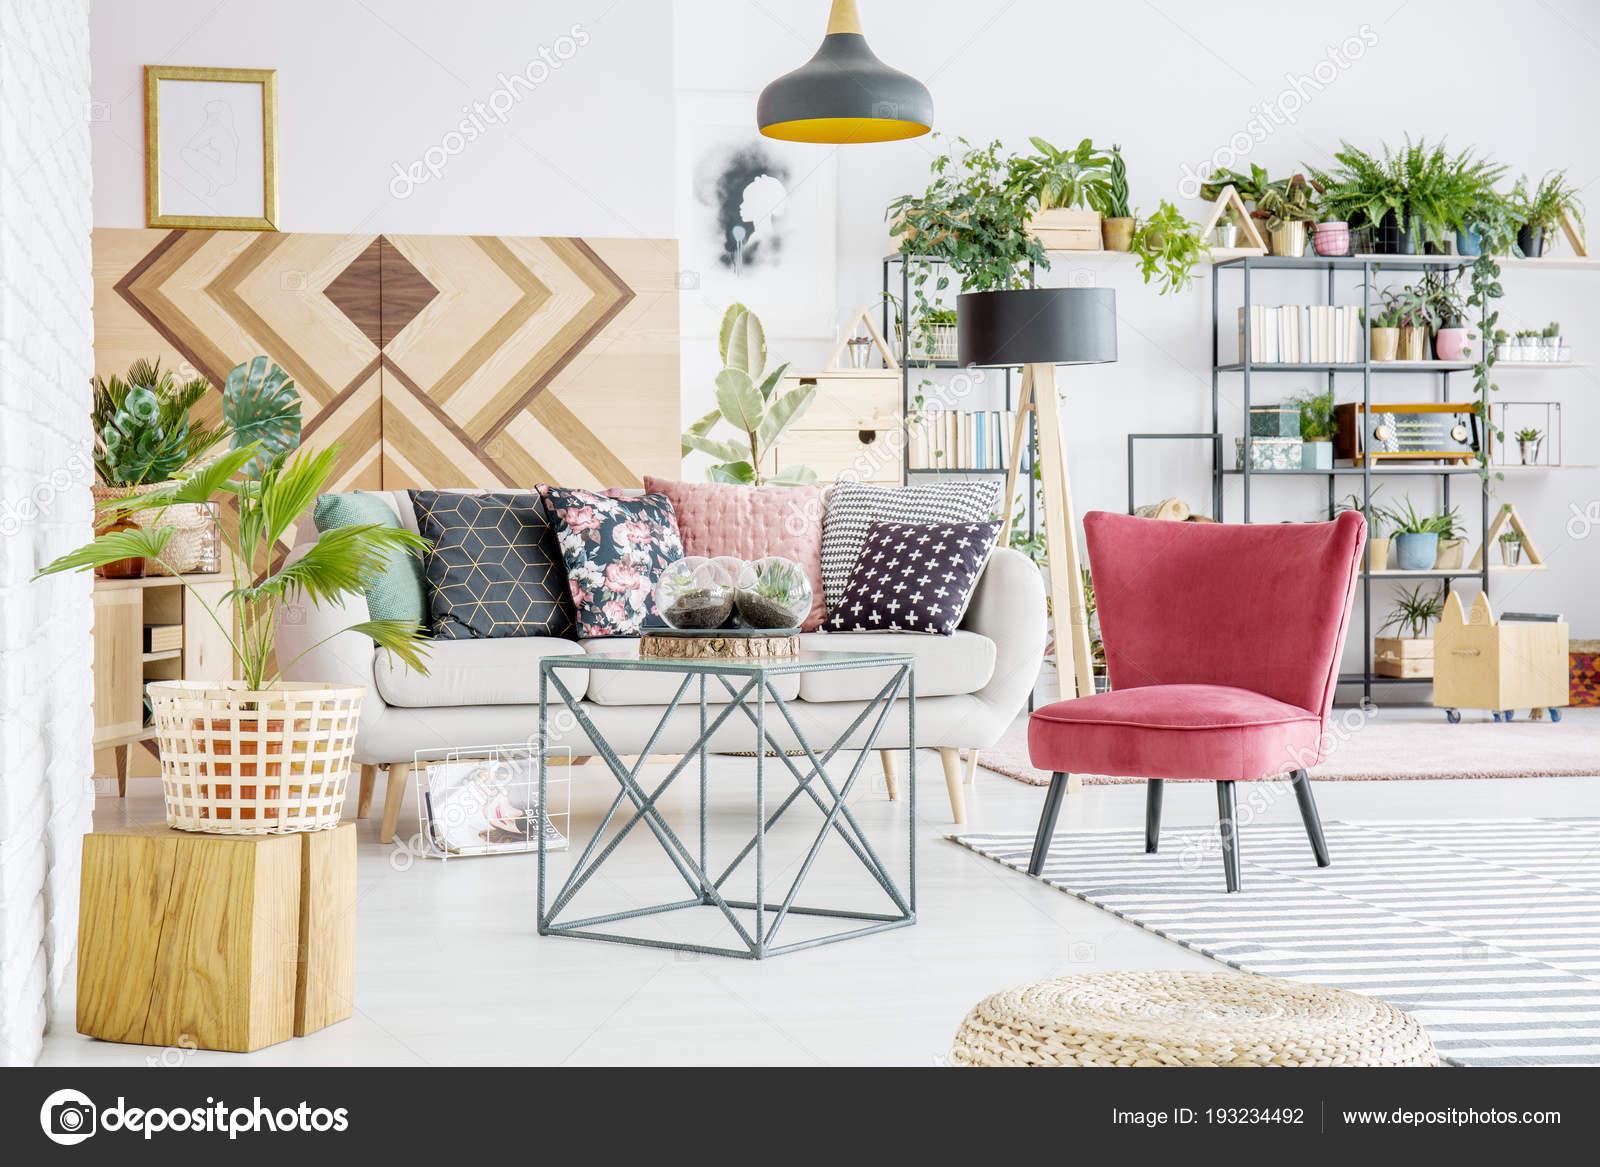 Sofa Con Almohadones Estampados Interior Luminoso Salon Con Libros